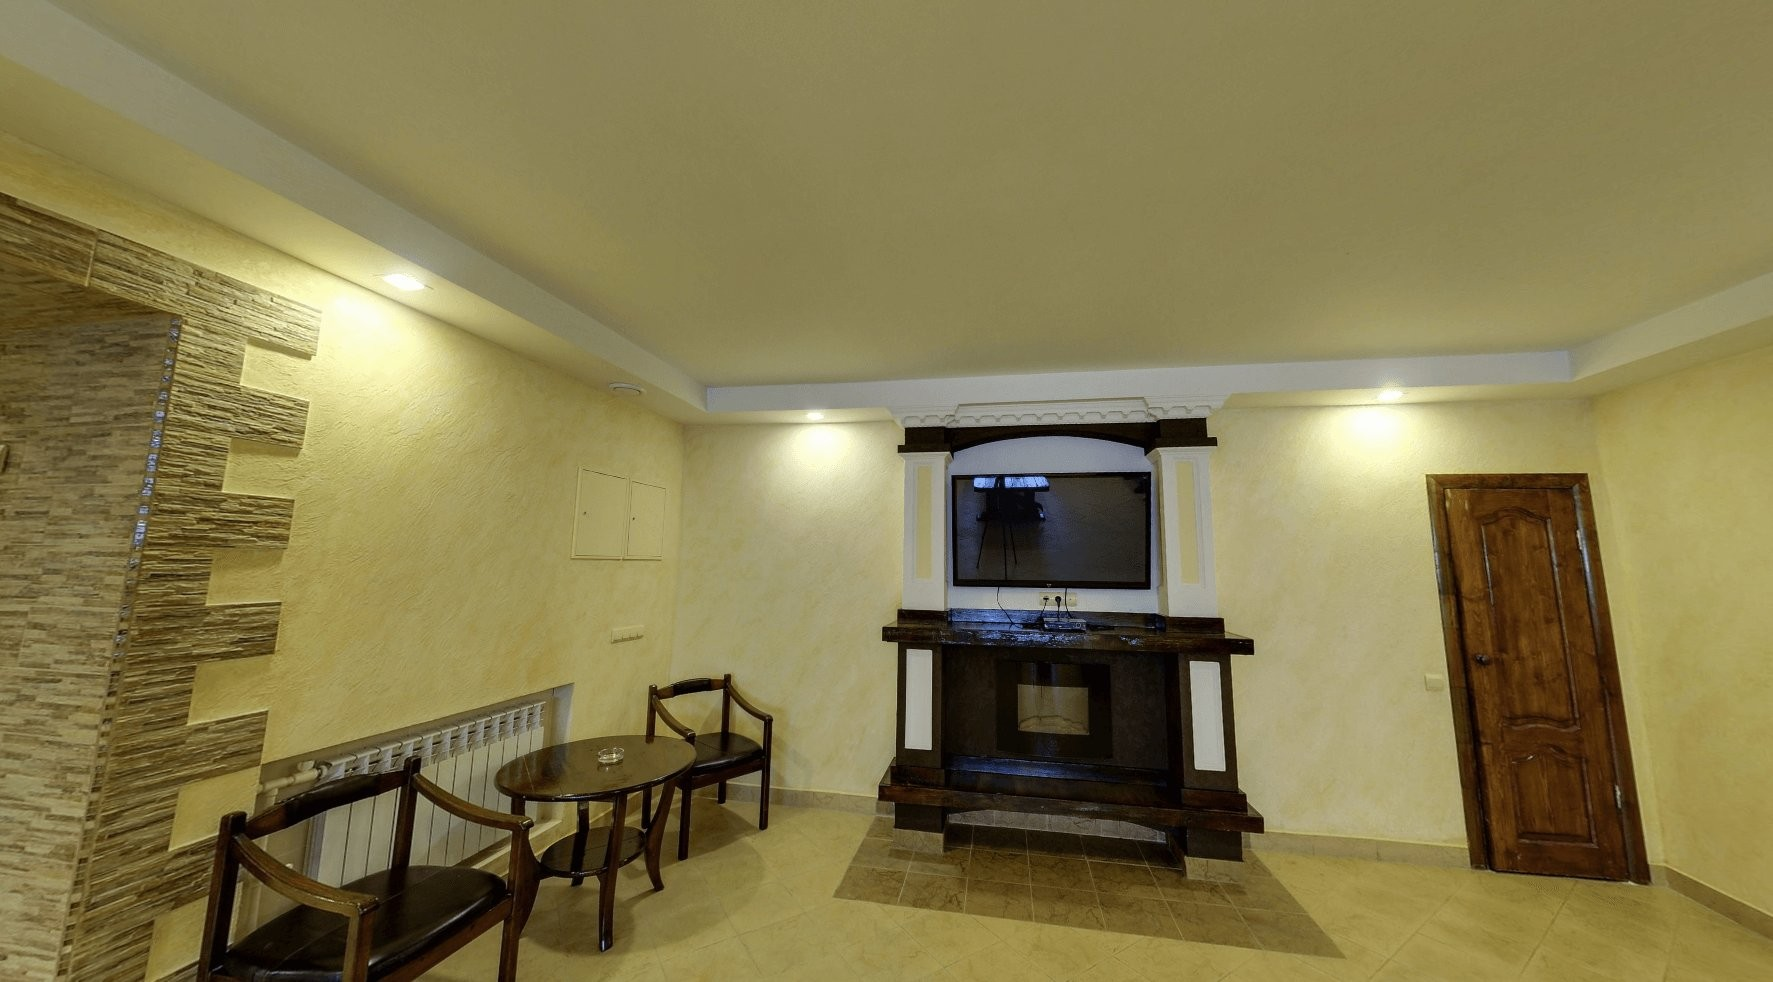 Фрегат, гостиничный комплекс - №7